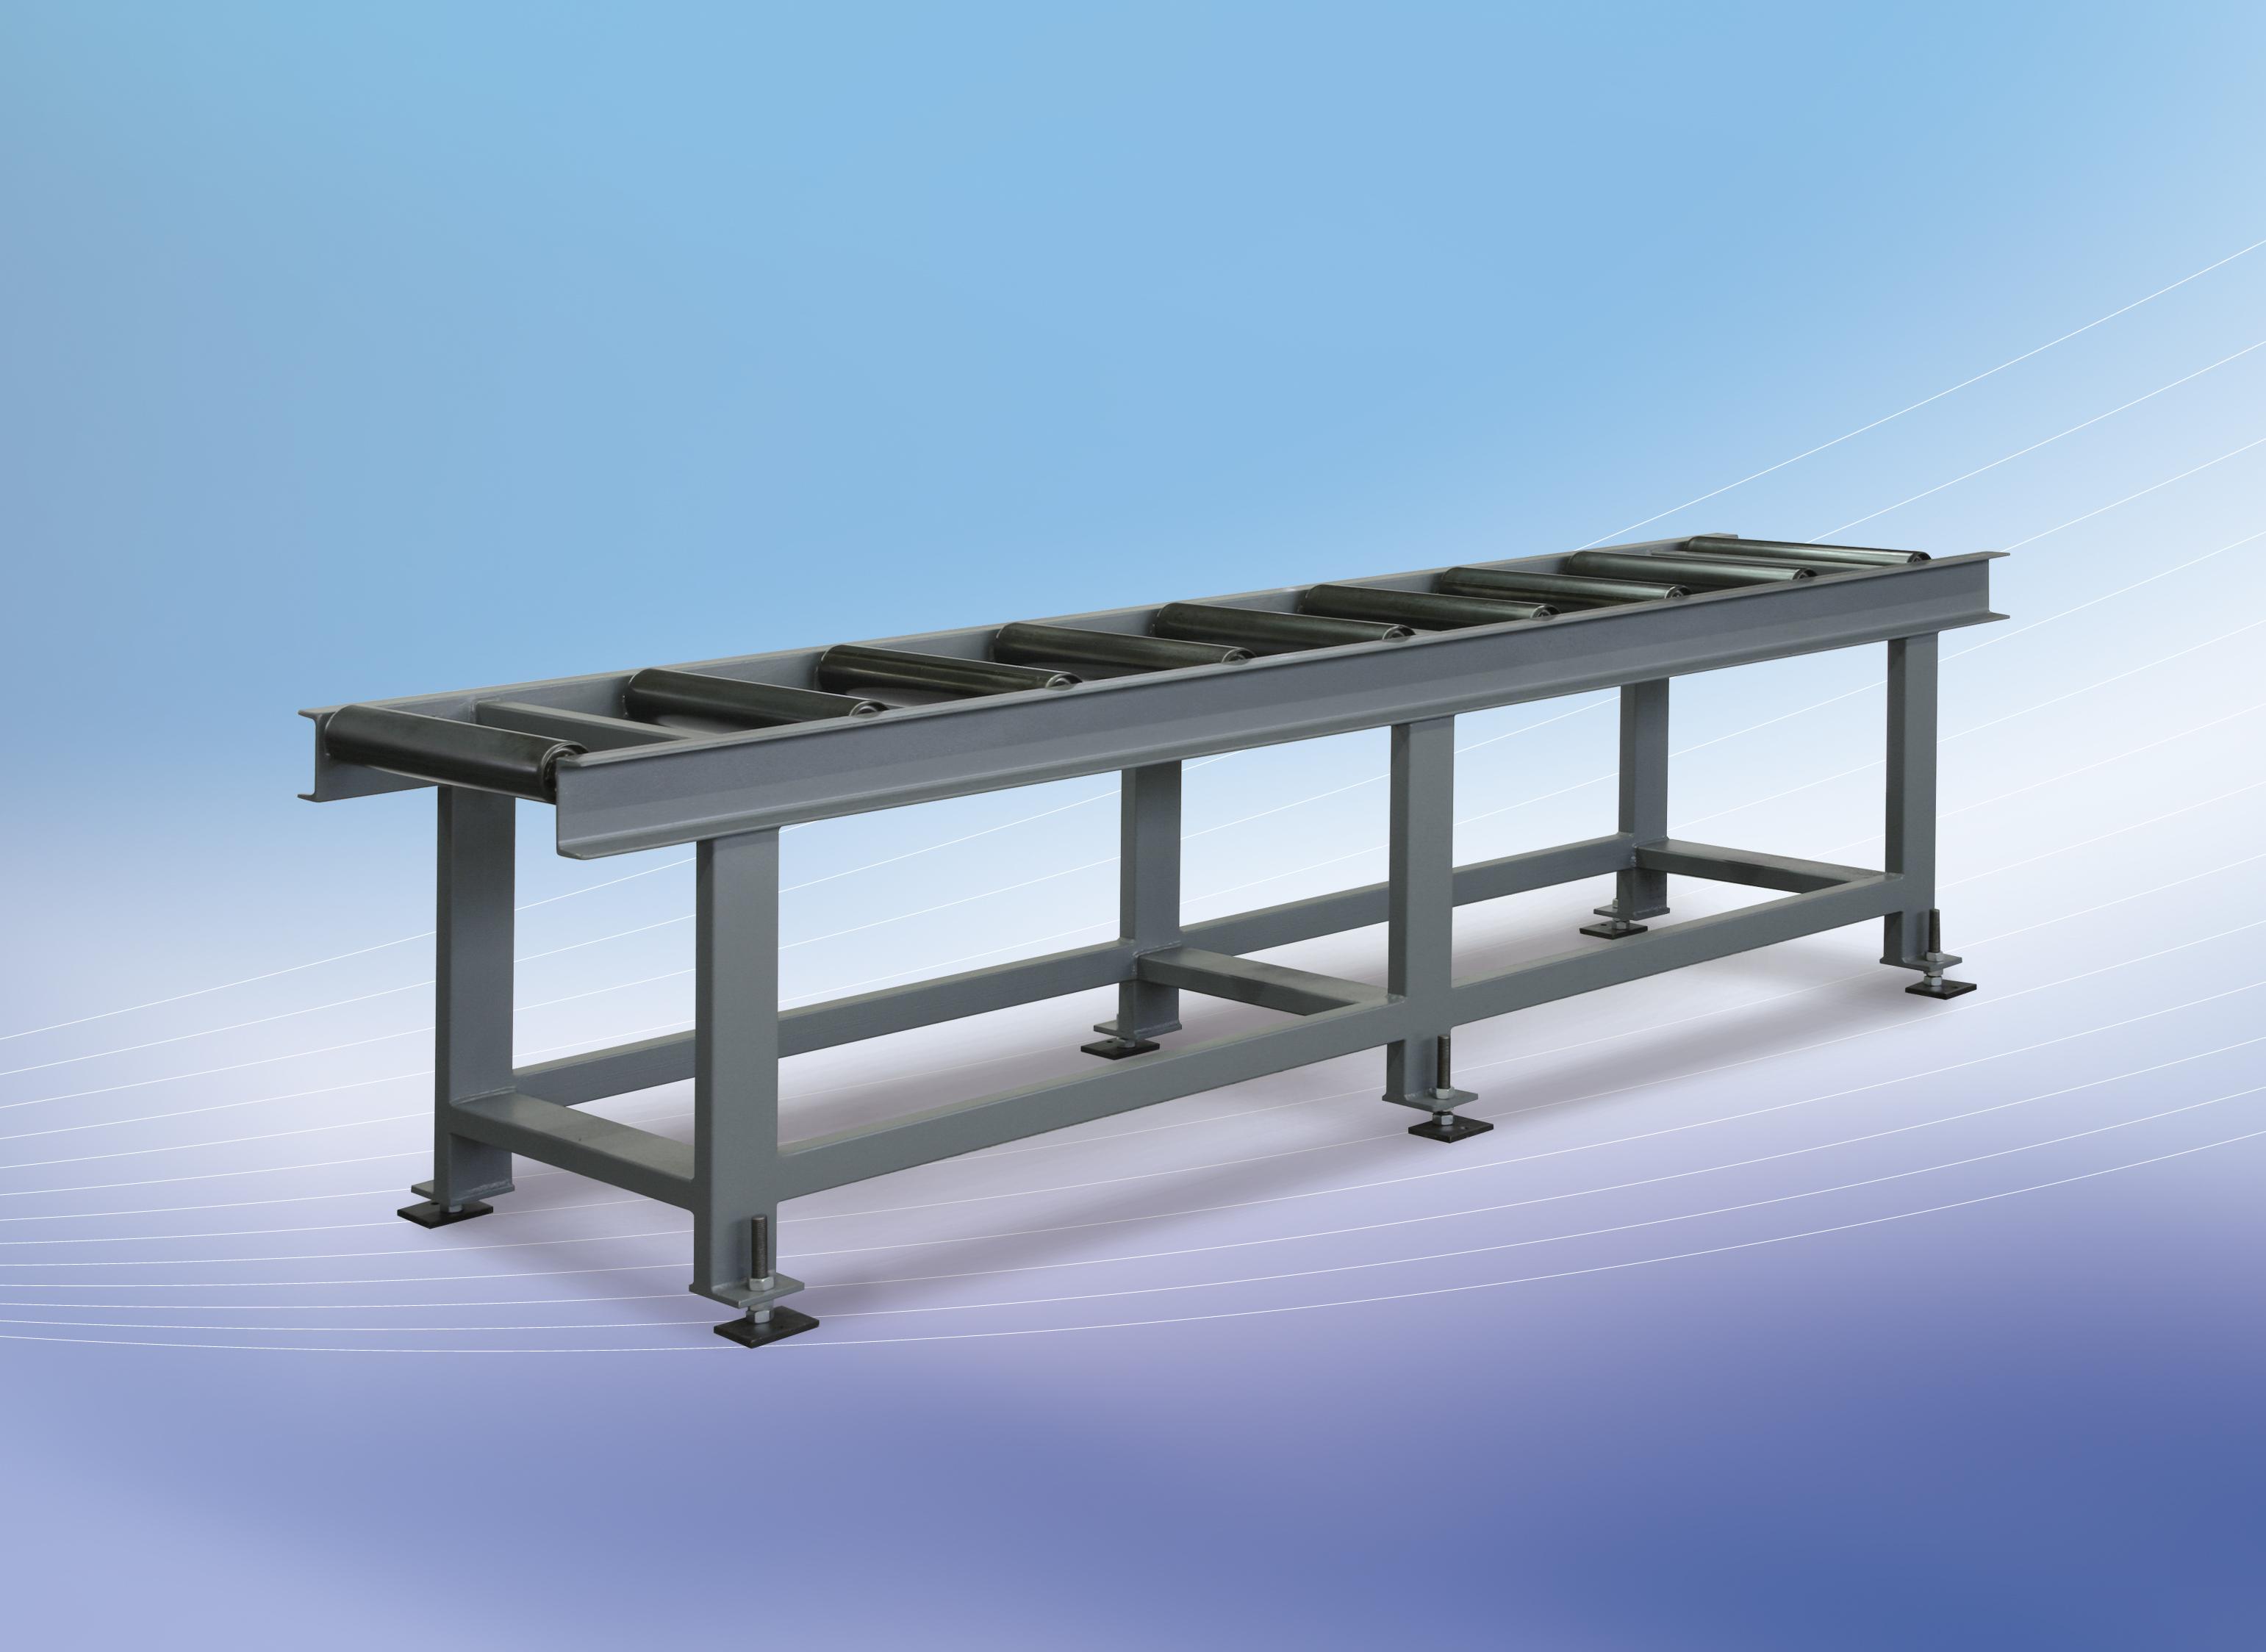 31. Rollenbahn 3000 mm Typ C